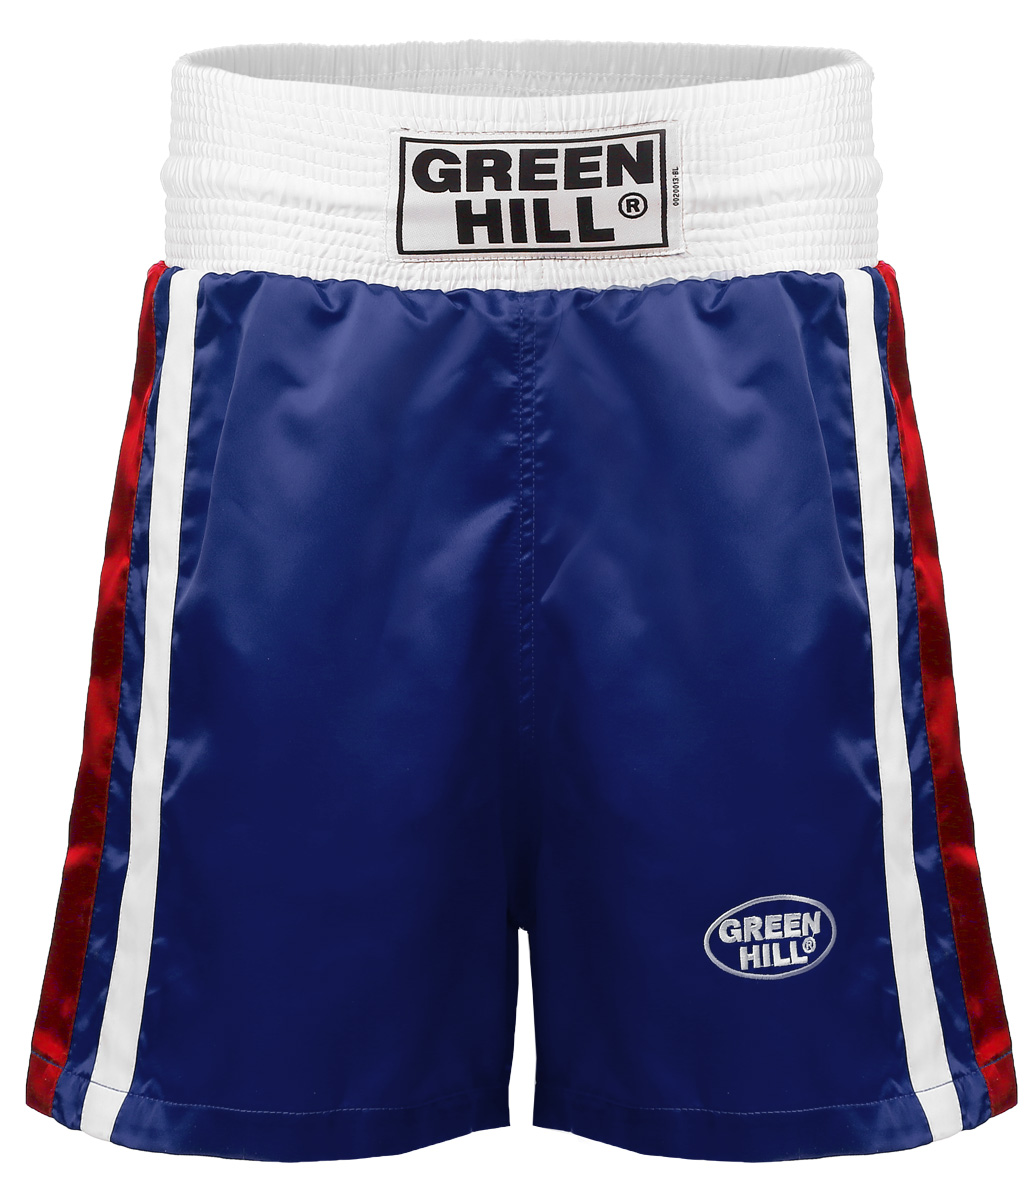 Трусы боксерские GREEN HILL OLIMPIC, цвет: синий. BSO-6320. Размер XS (44)BSO-6320Трусы боксерские Green Hill Olimpic отлично подойдут для тренировок и соревнований. Широкий крой не стесняющий движений. Трусы выполнены из полиэстера и искусственного шелка. Трусы отлично держатся и не спадают благодаря широкому поясу со шнурком.